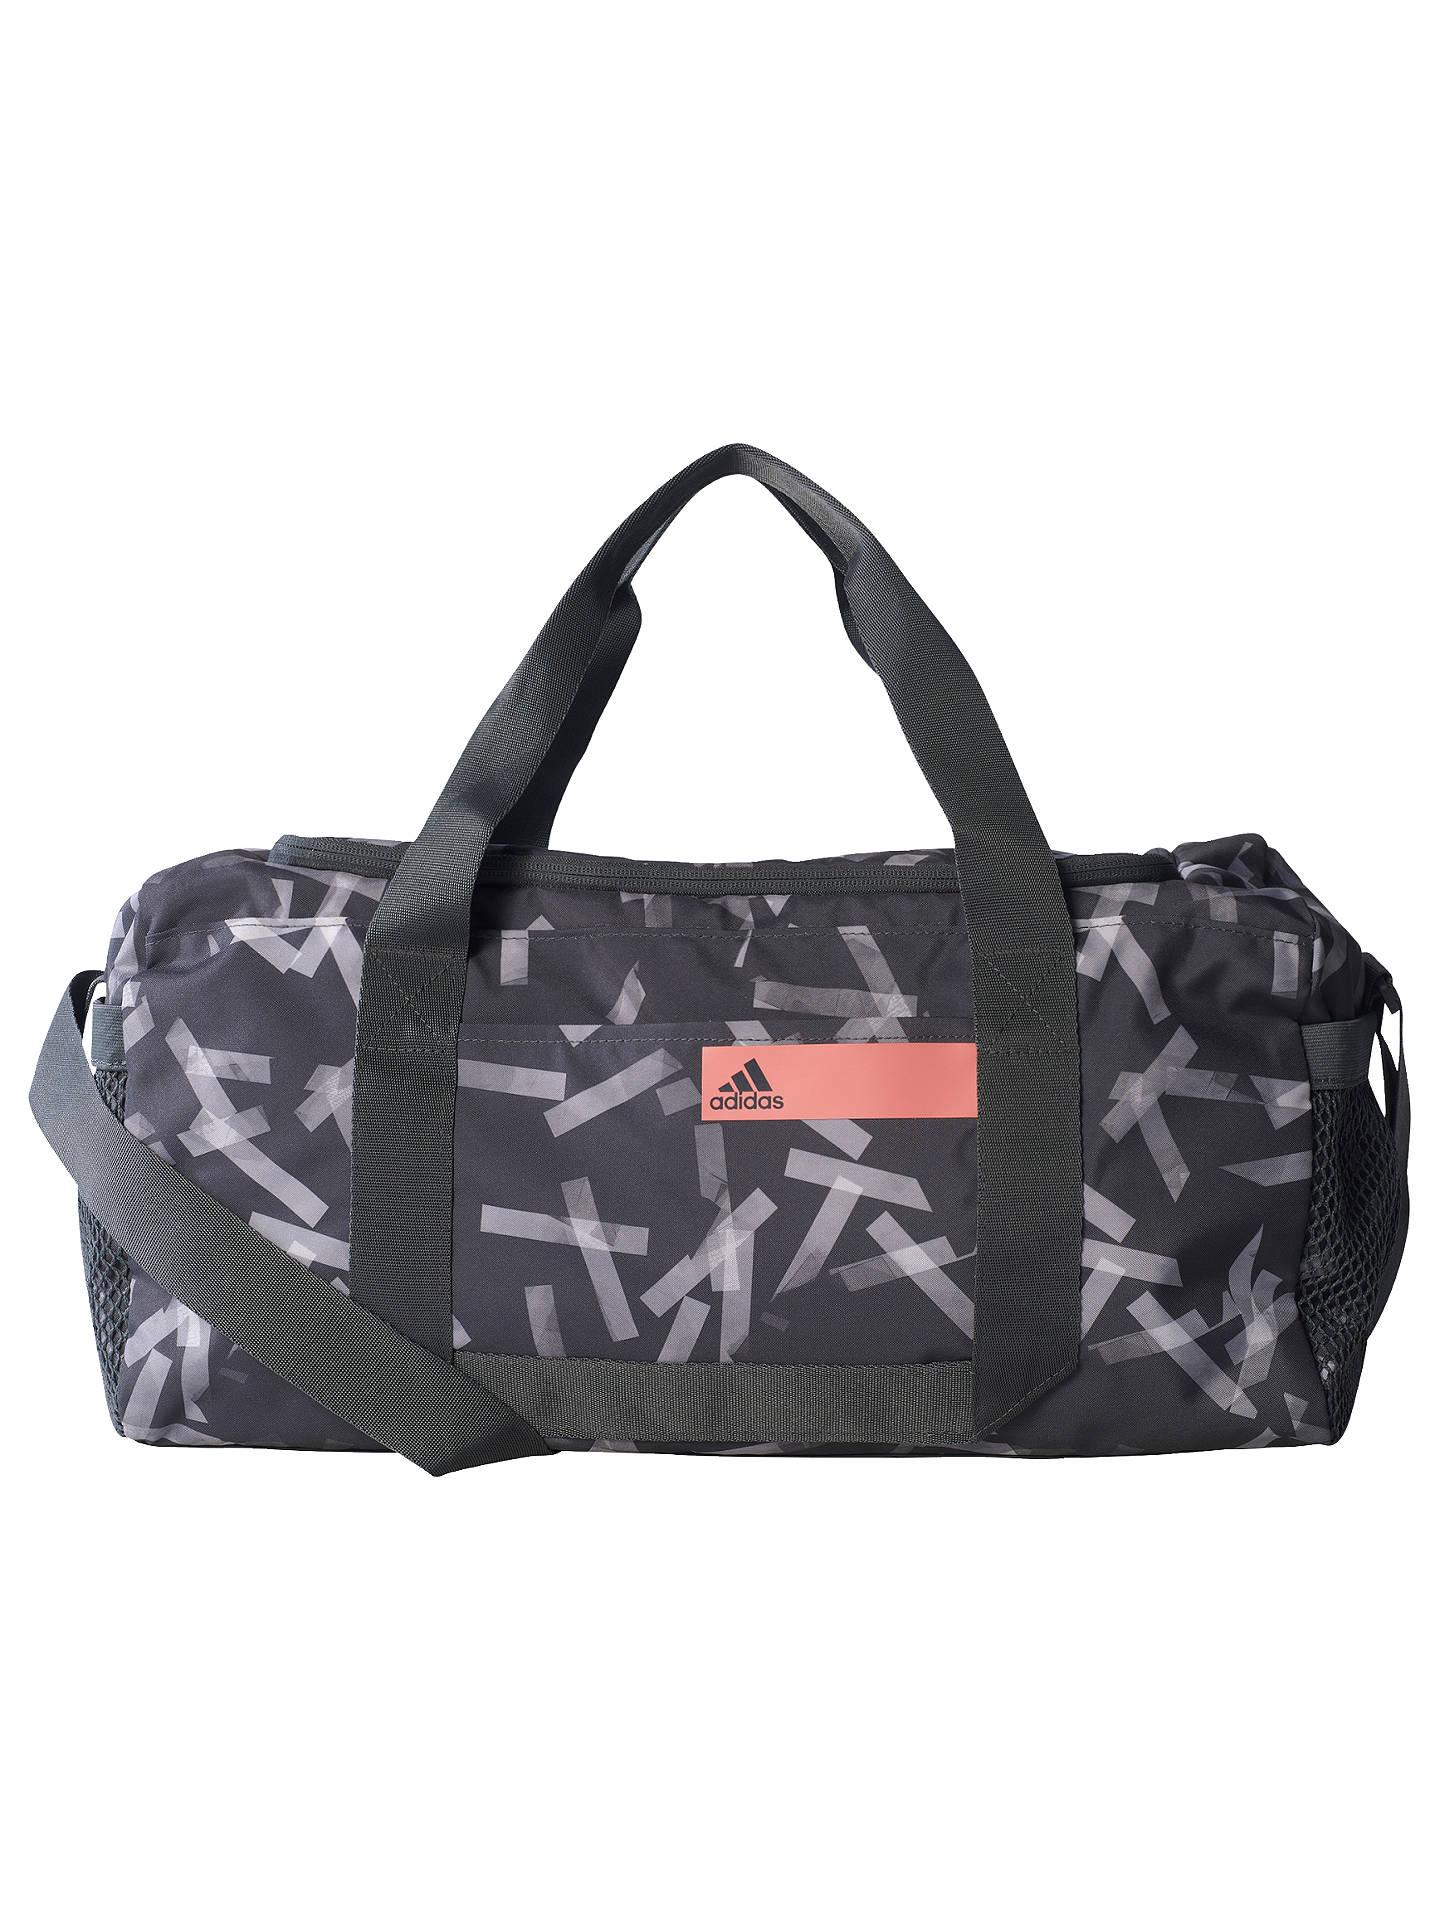 180f34148e Buy adidas Good Graphic Team Bag